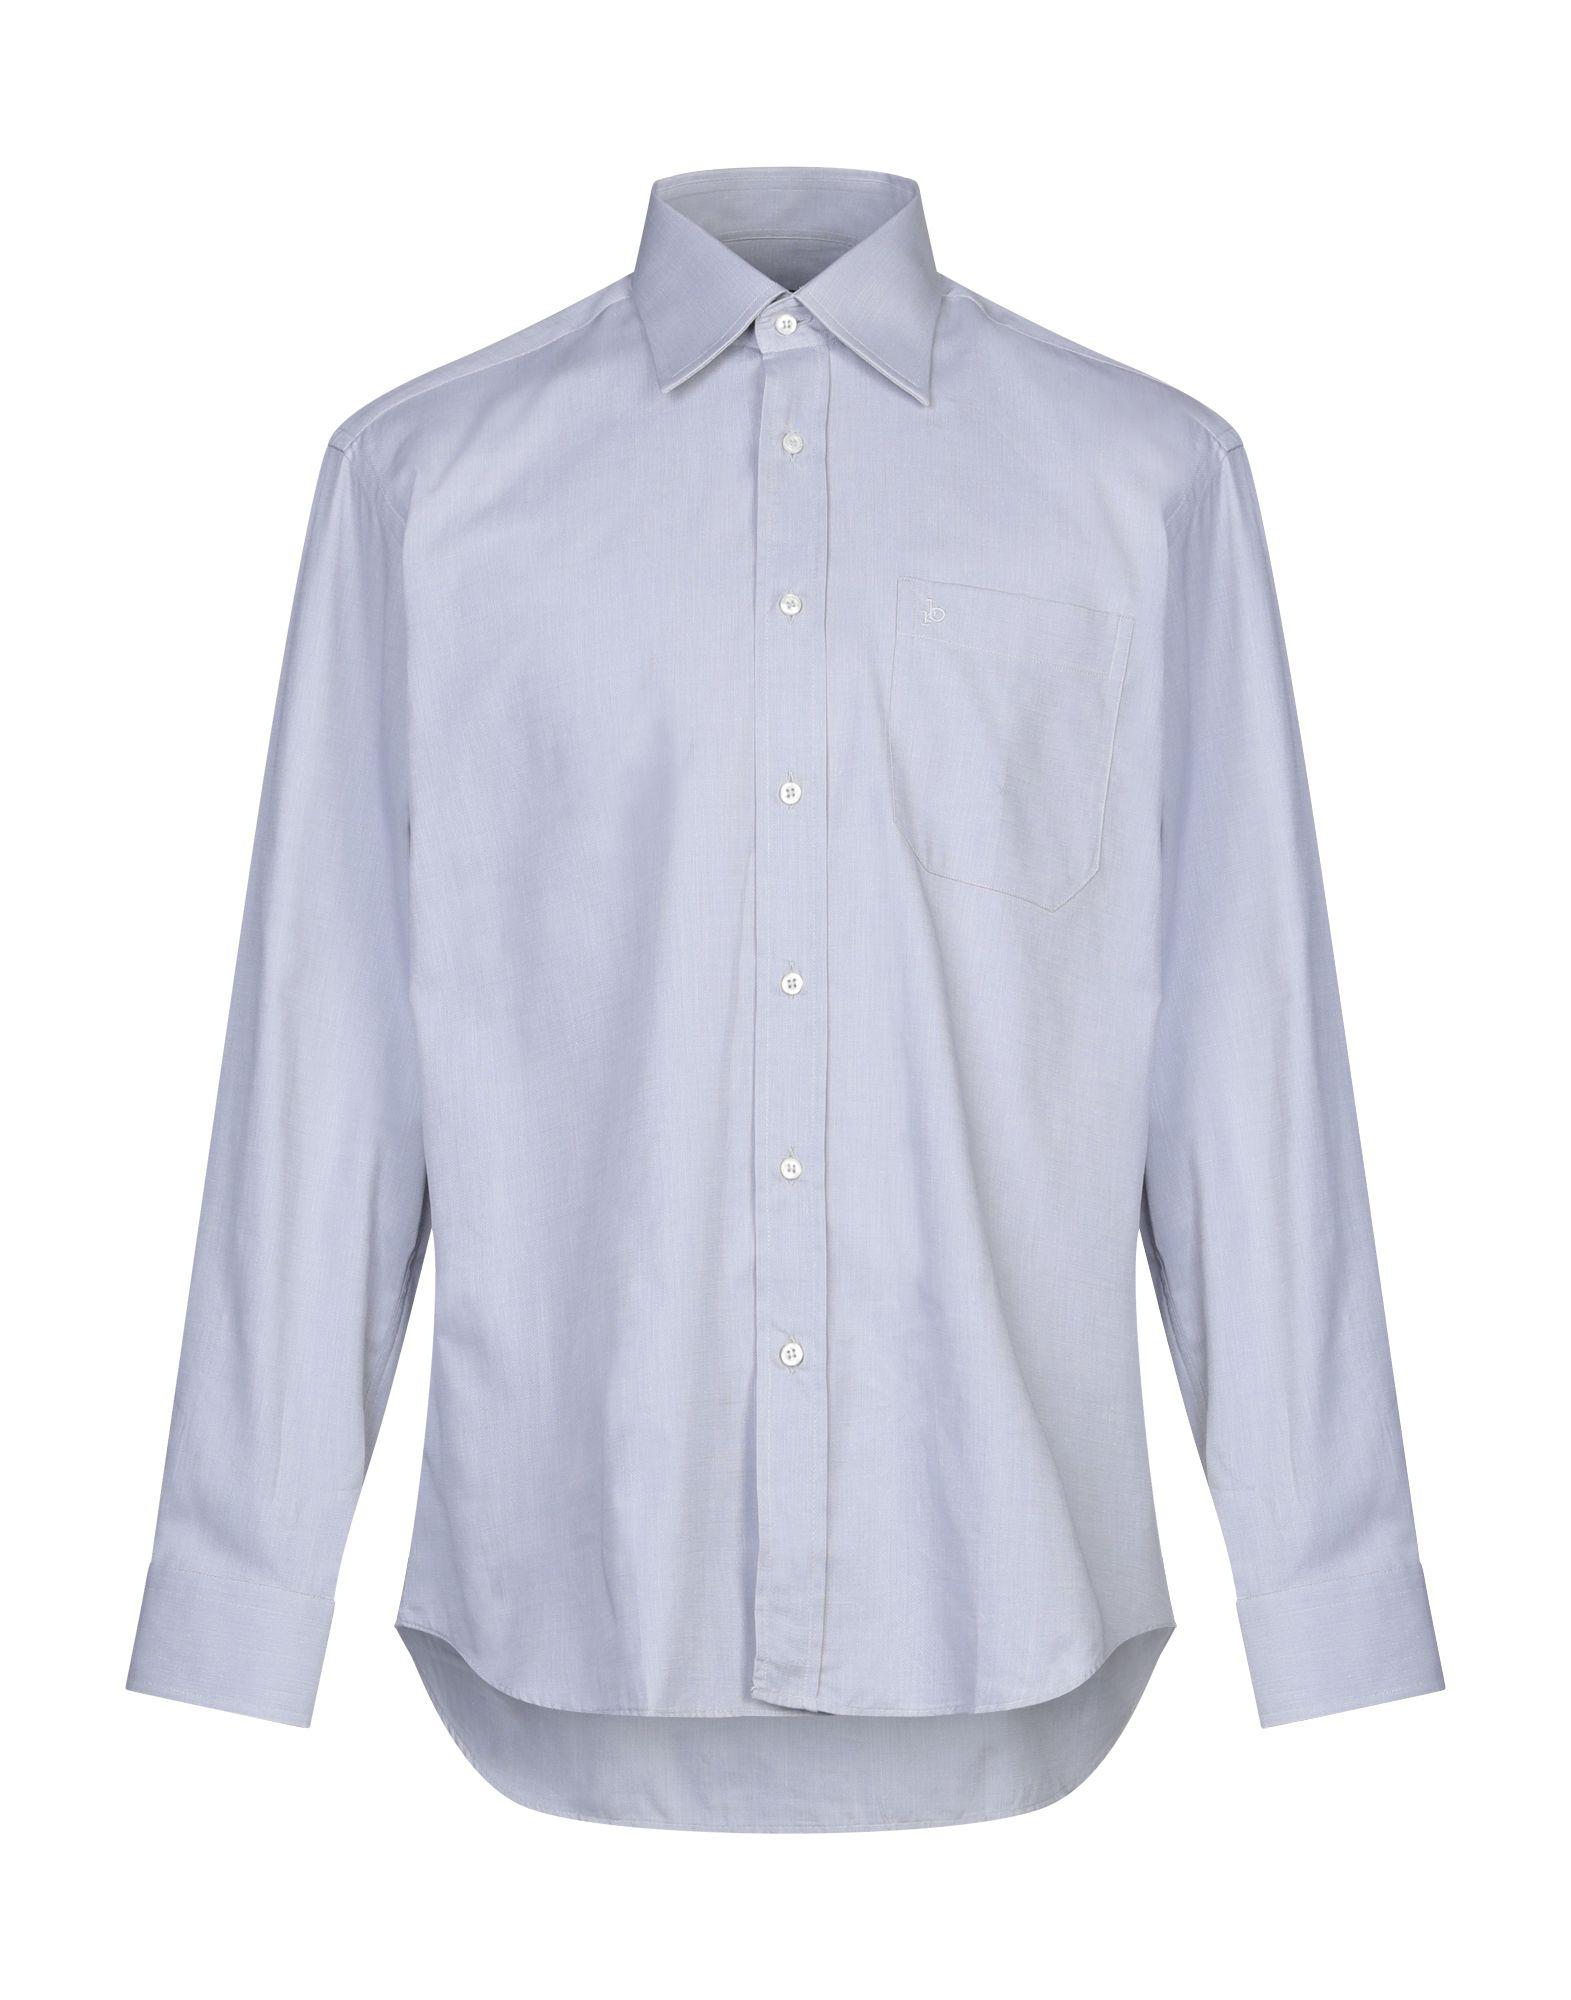 《セール開催中》ROCCOBAROCCO メンズ シャツ ライトグレー 39 コットン 100%